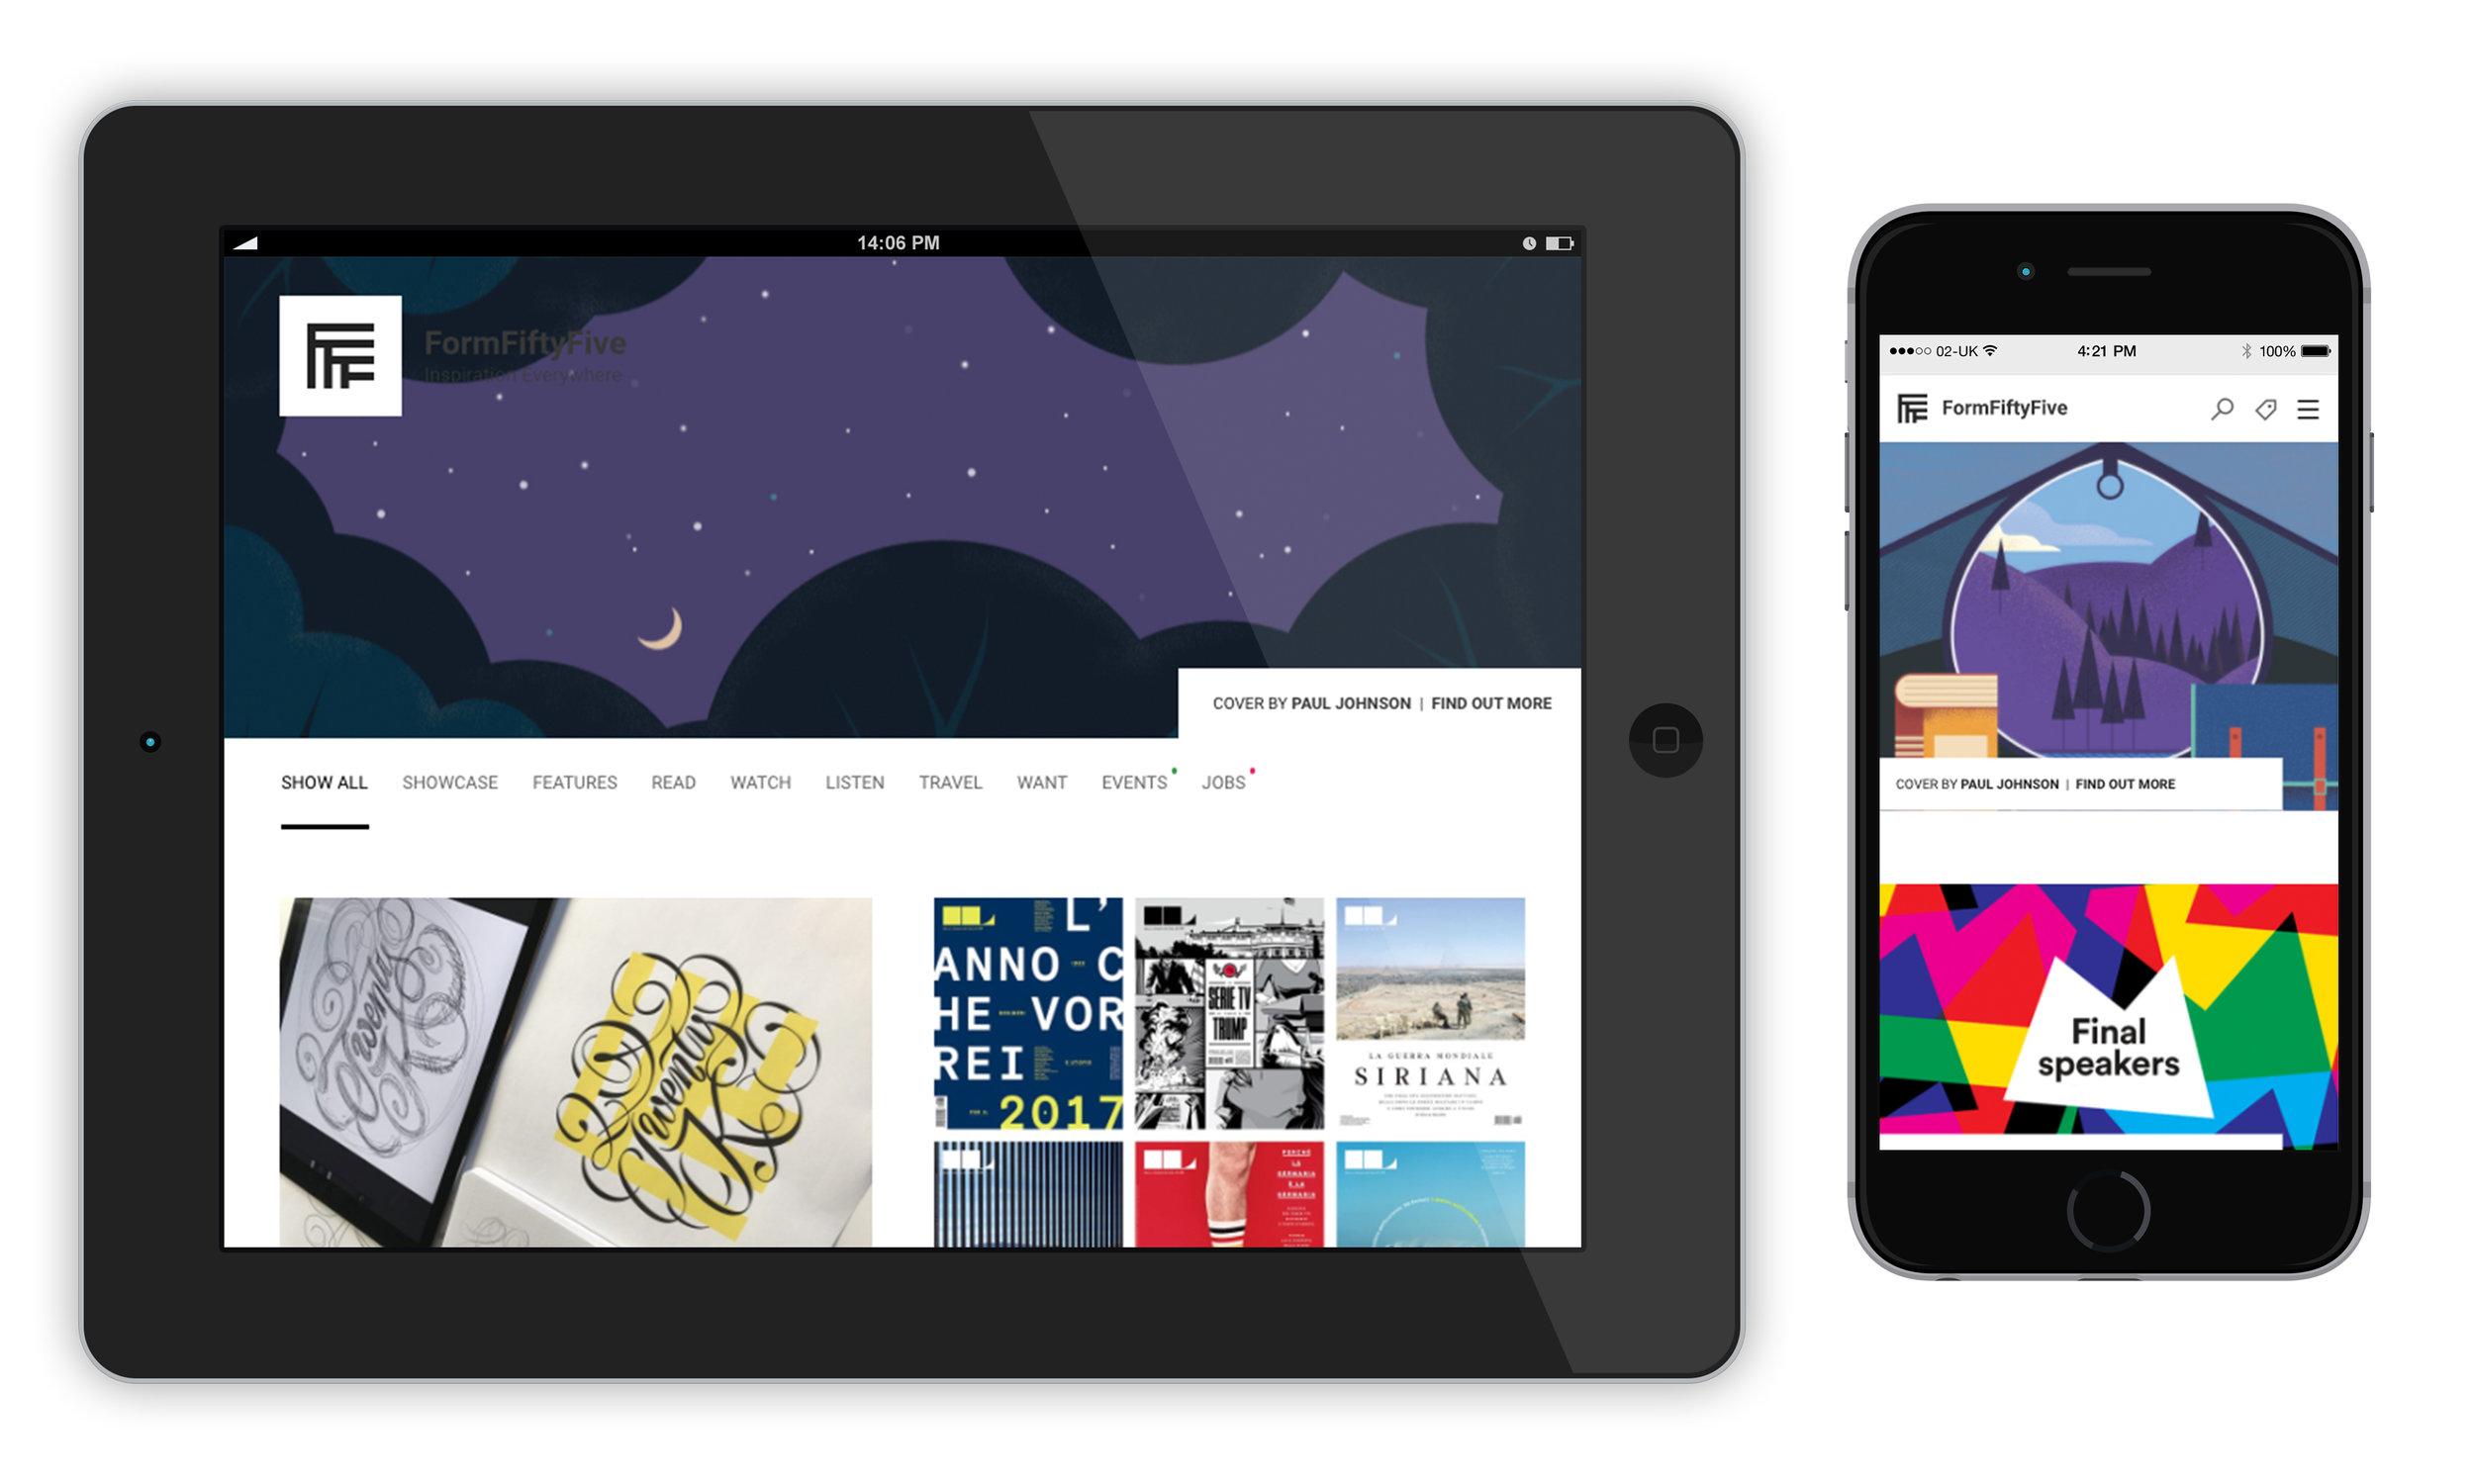 FFF_iPad_iPhone_Mockup.jpg